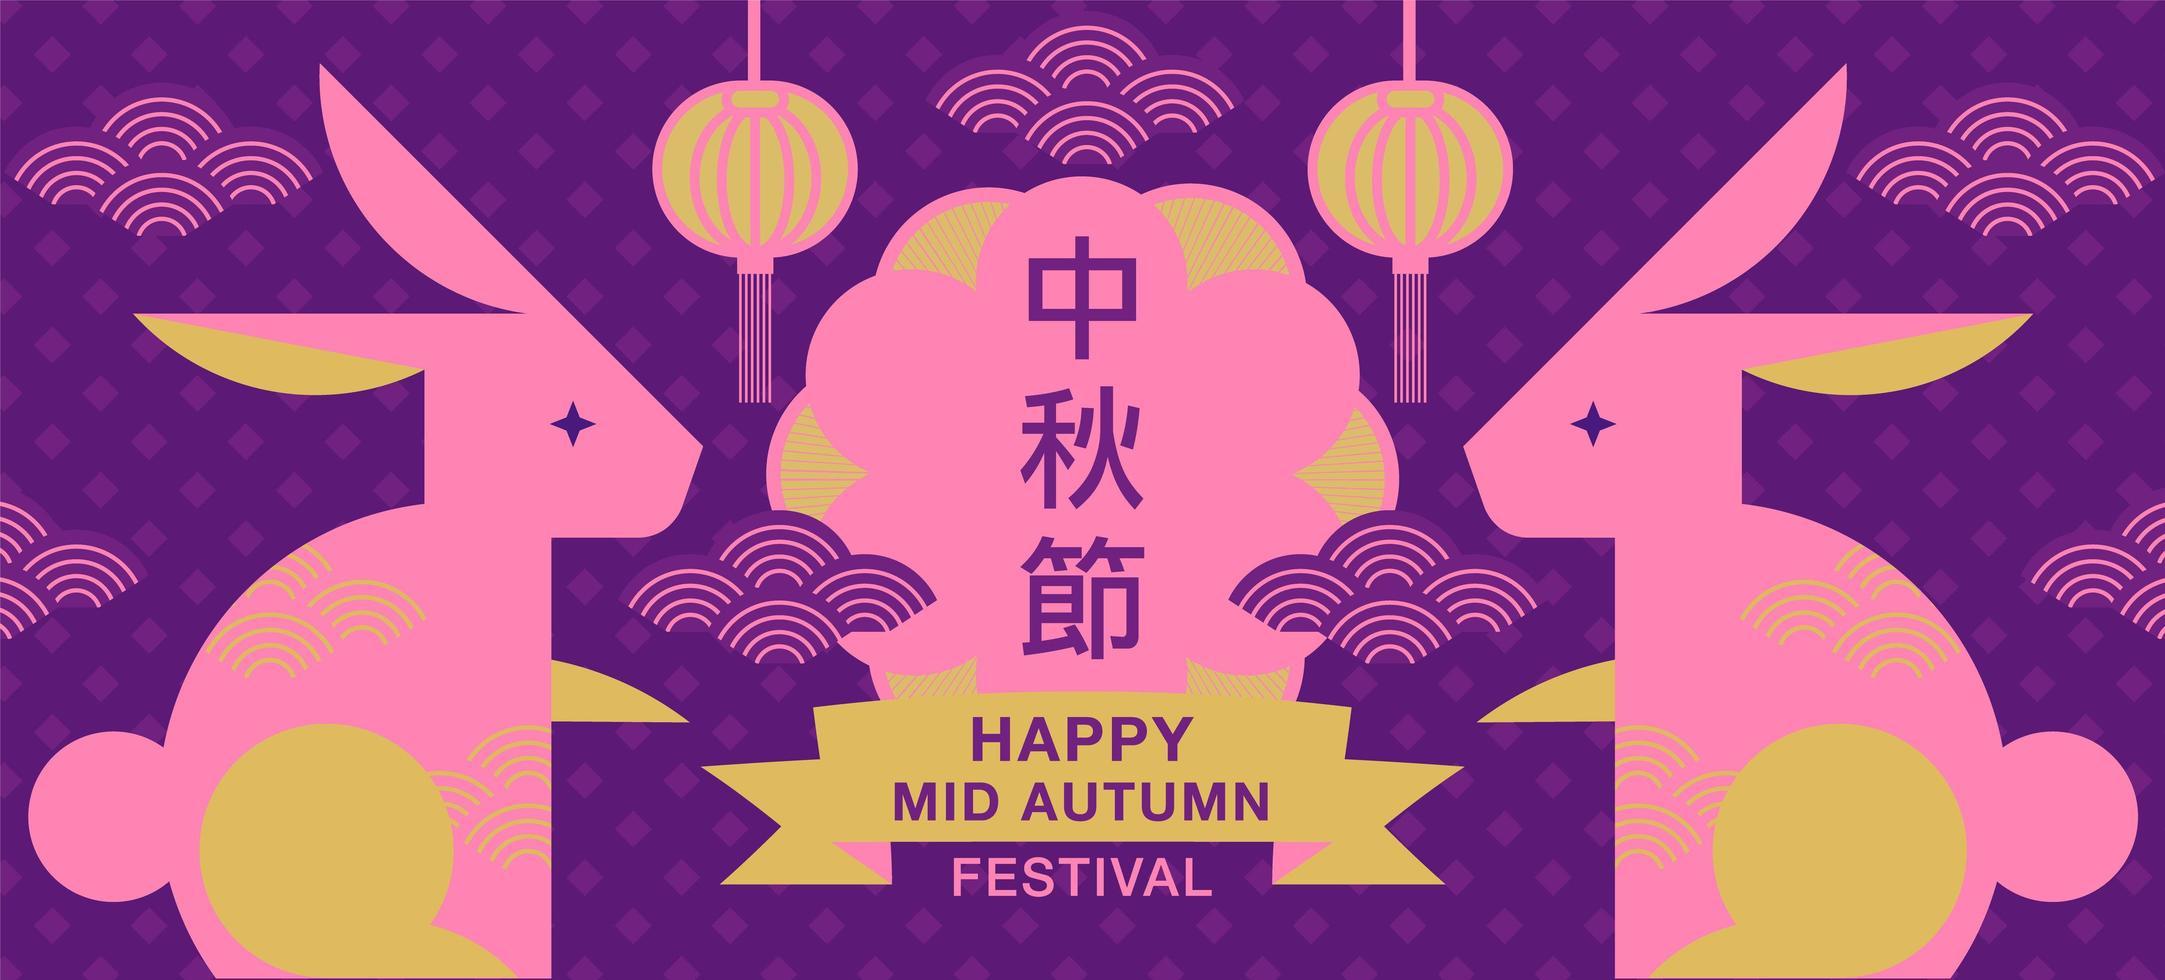 banner festival felice metà autunno con conigli rosa vettore